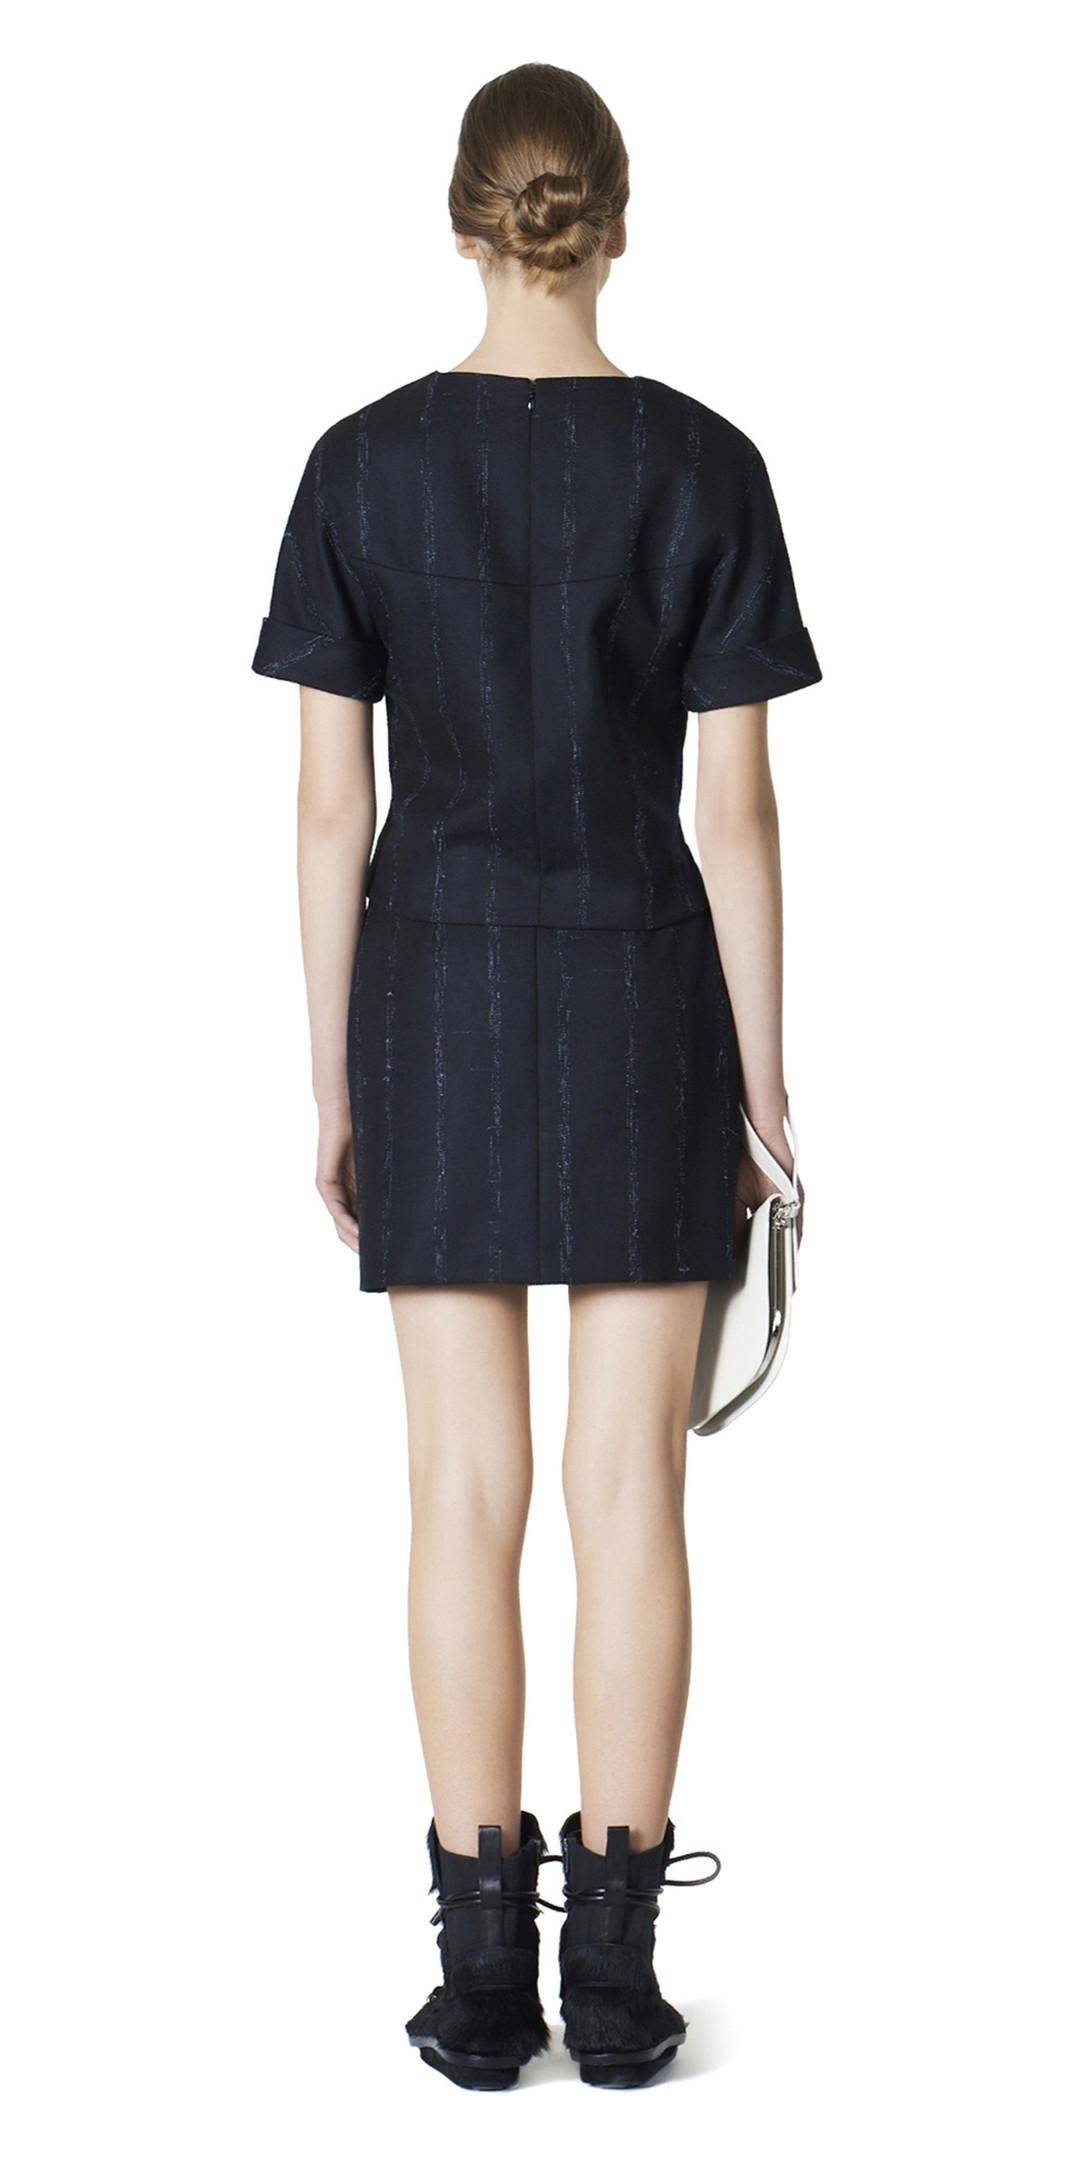 BALENCIAGA Top D Balenciaga Edition Stripes Top i